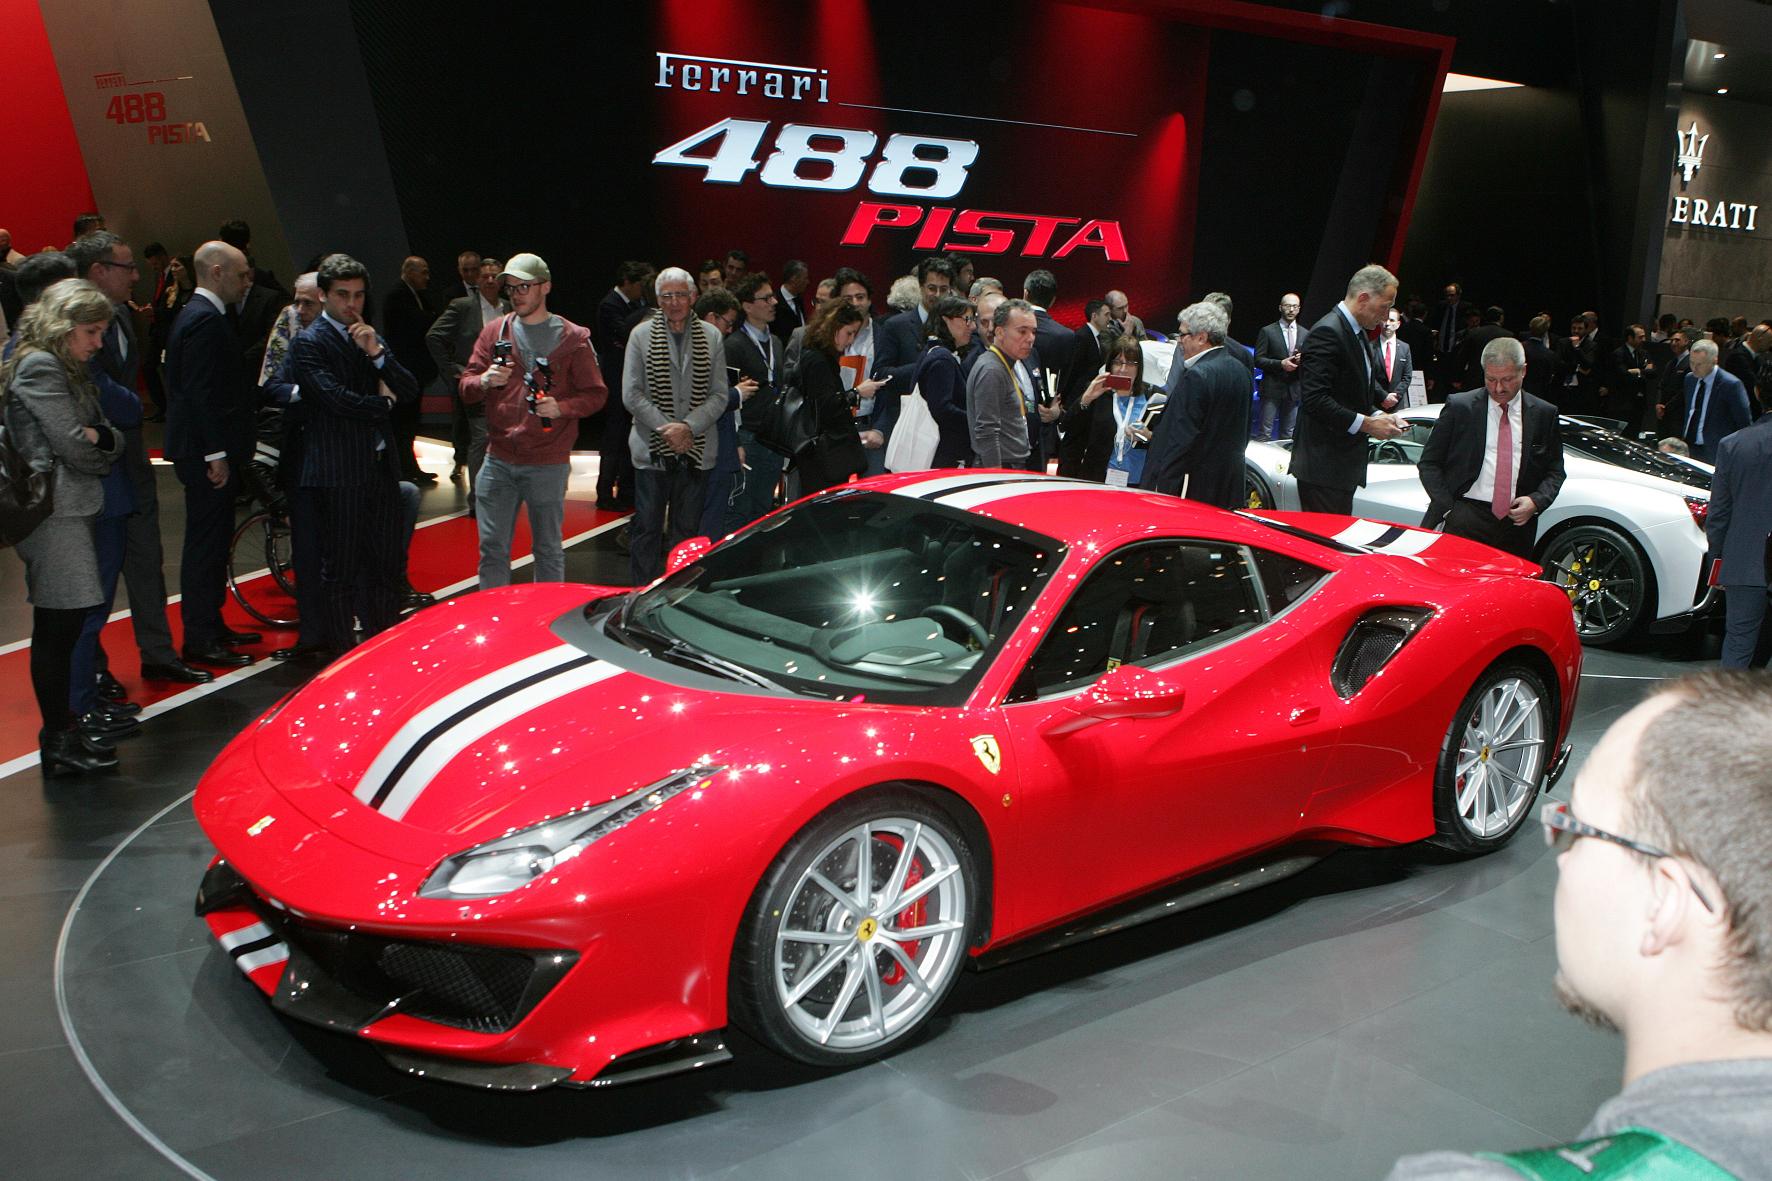 Bei Ferrari ist 2018 der 488 Pista der Blitzlicht- und Fotolinsen-Magnet schlechthin.